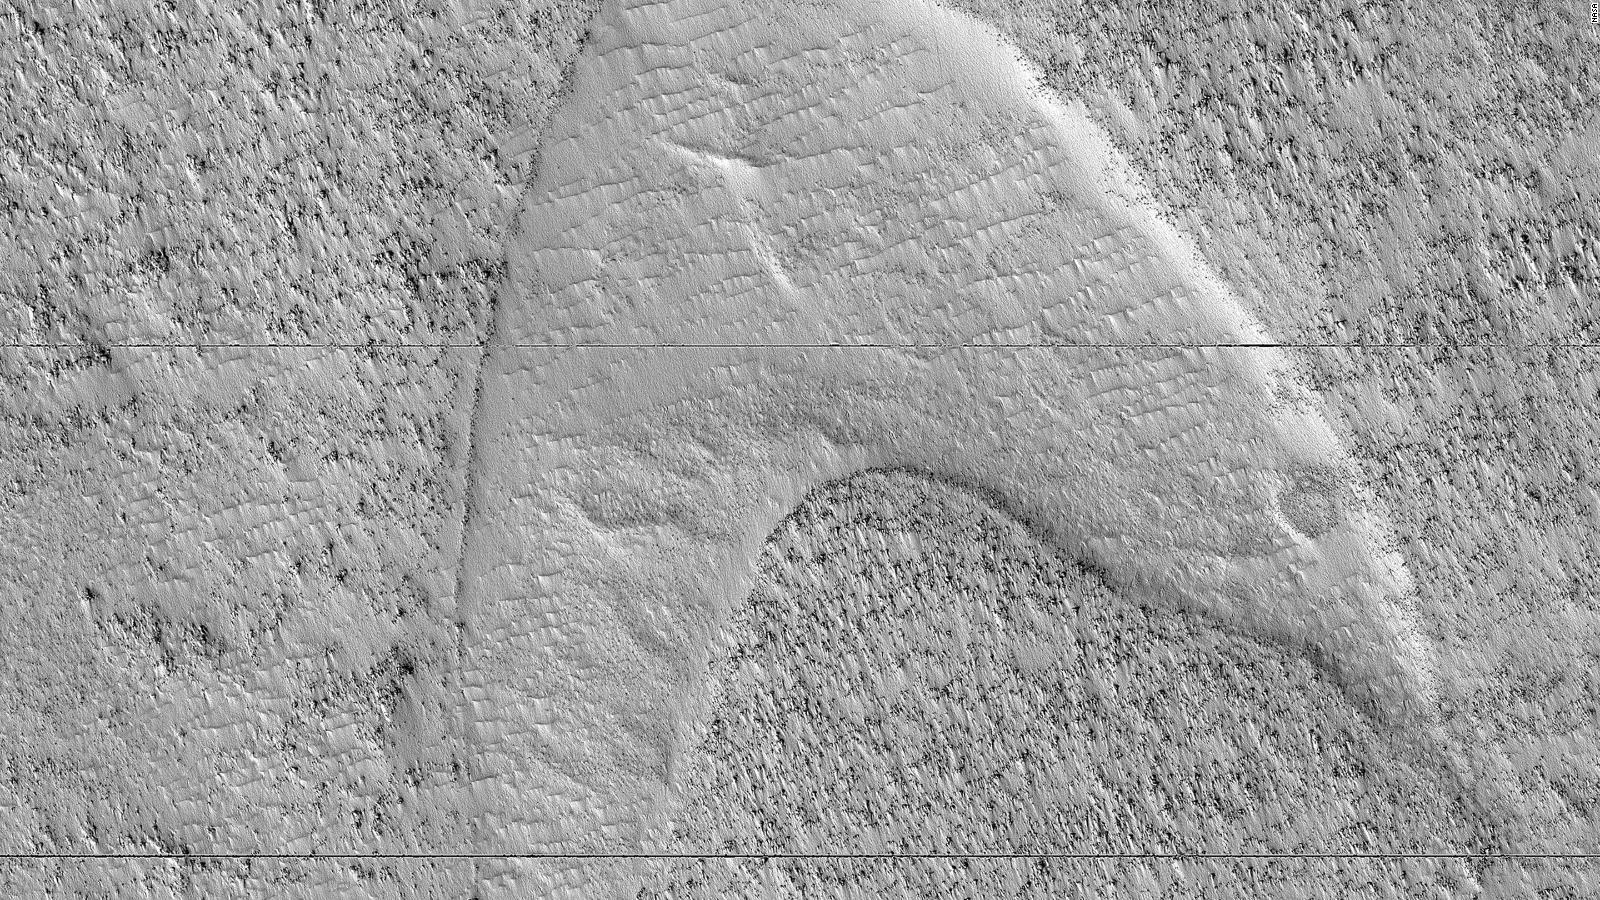 """La NASA detecta un símbolo de """"Star Trek"""" en Marte"""